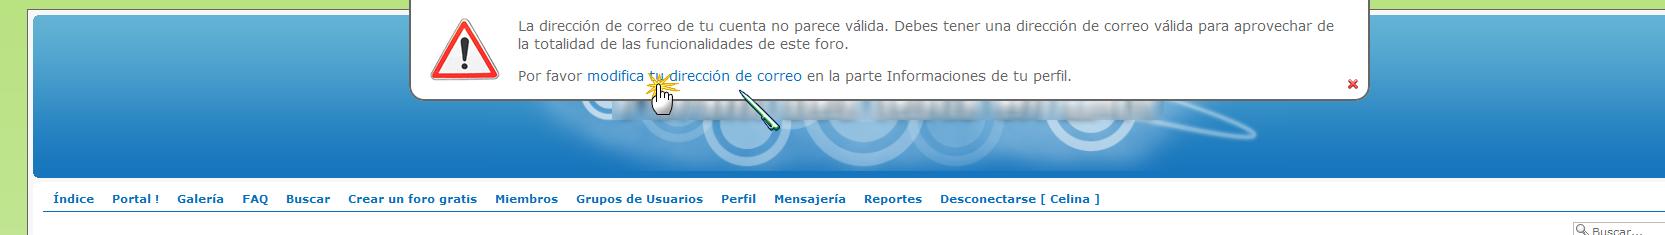 Sistema de verificación de direcciones de correos - ¿Como funciona? Annonc10